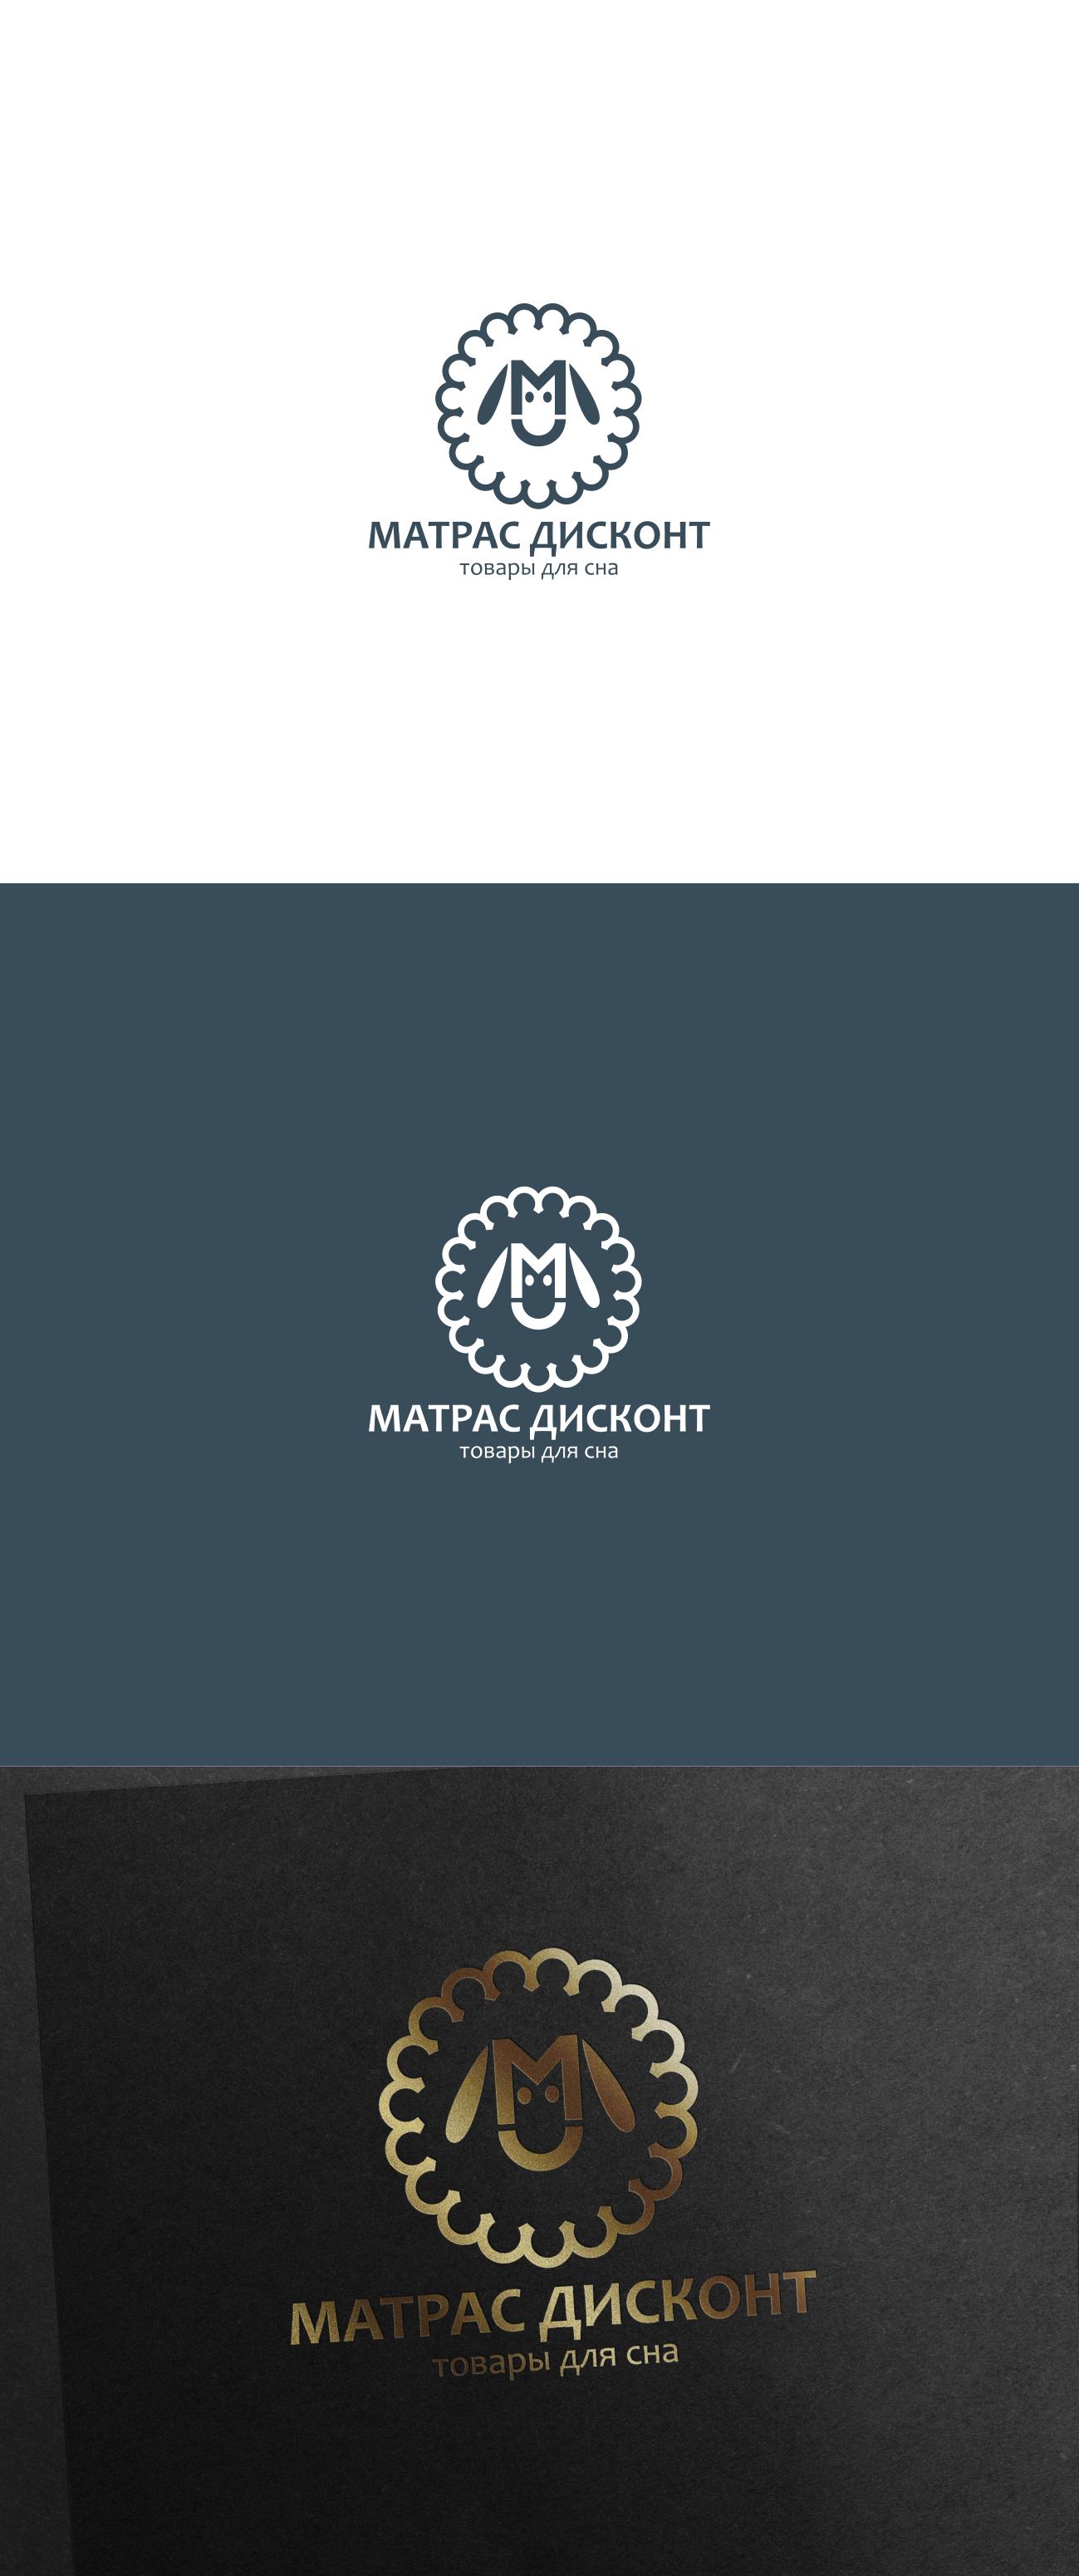 Логотип для ИМ матрасов фото f_9065c8b8c6eb0113.jpg